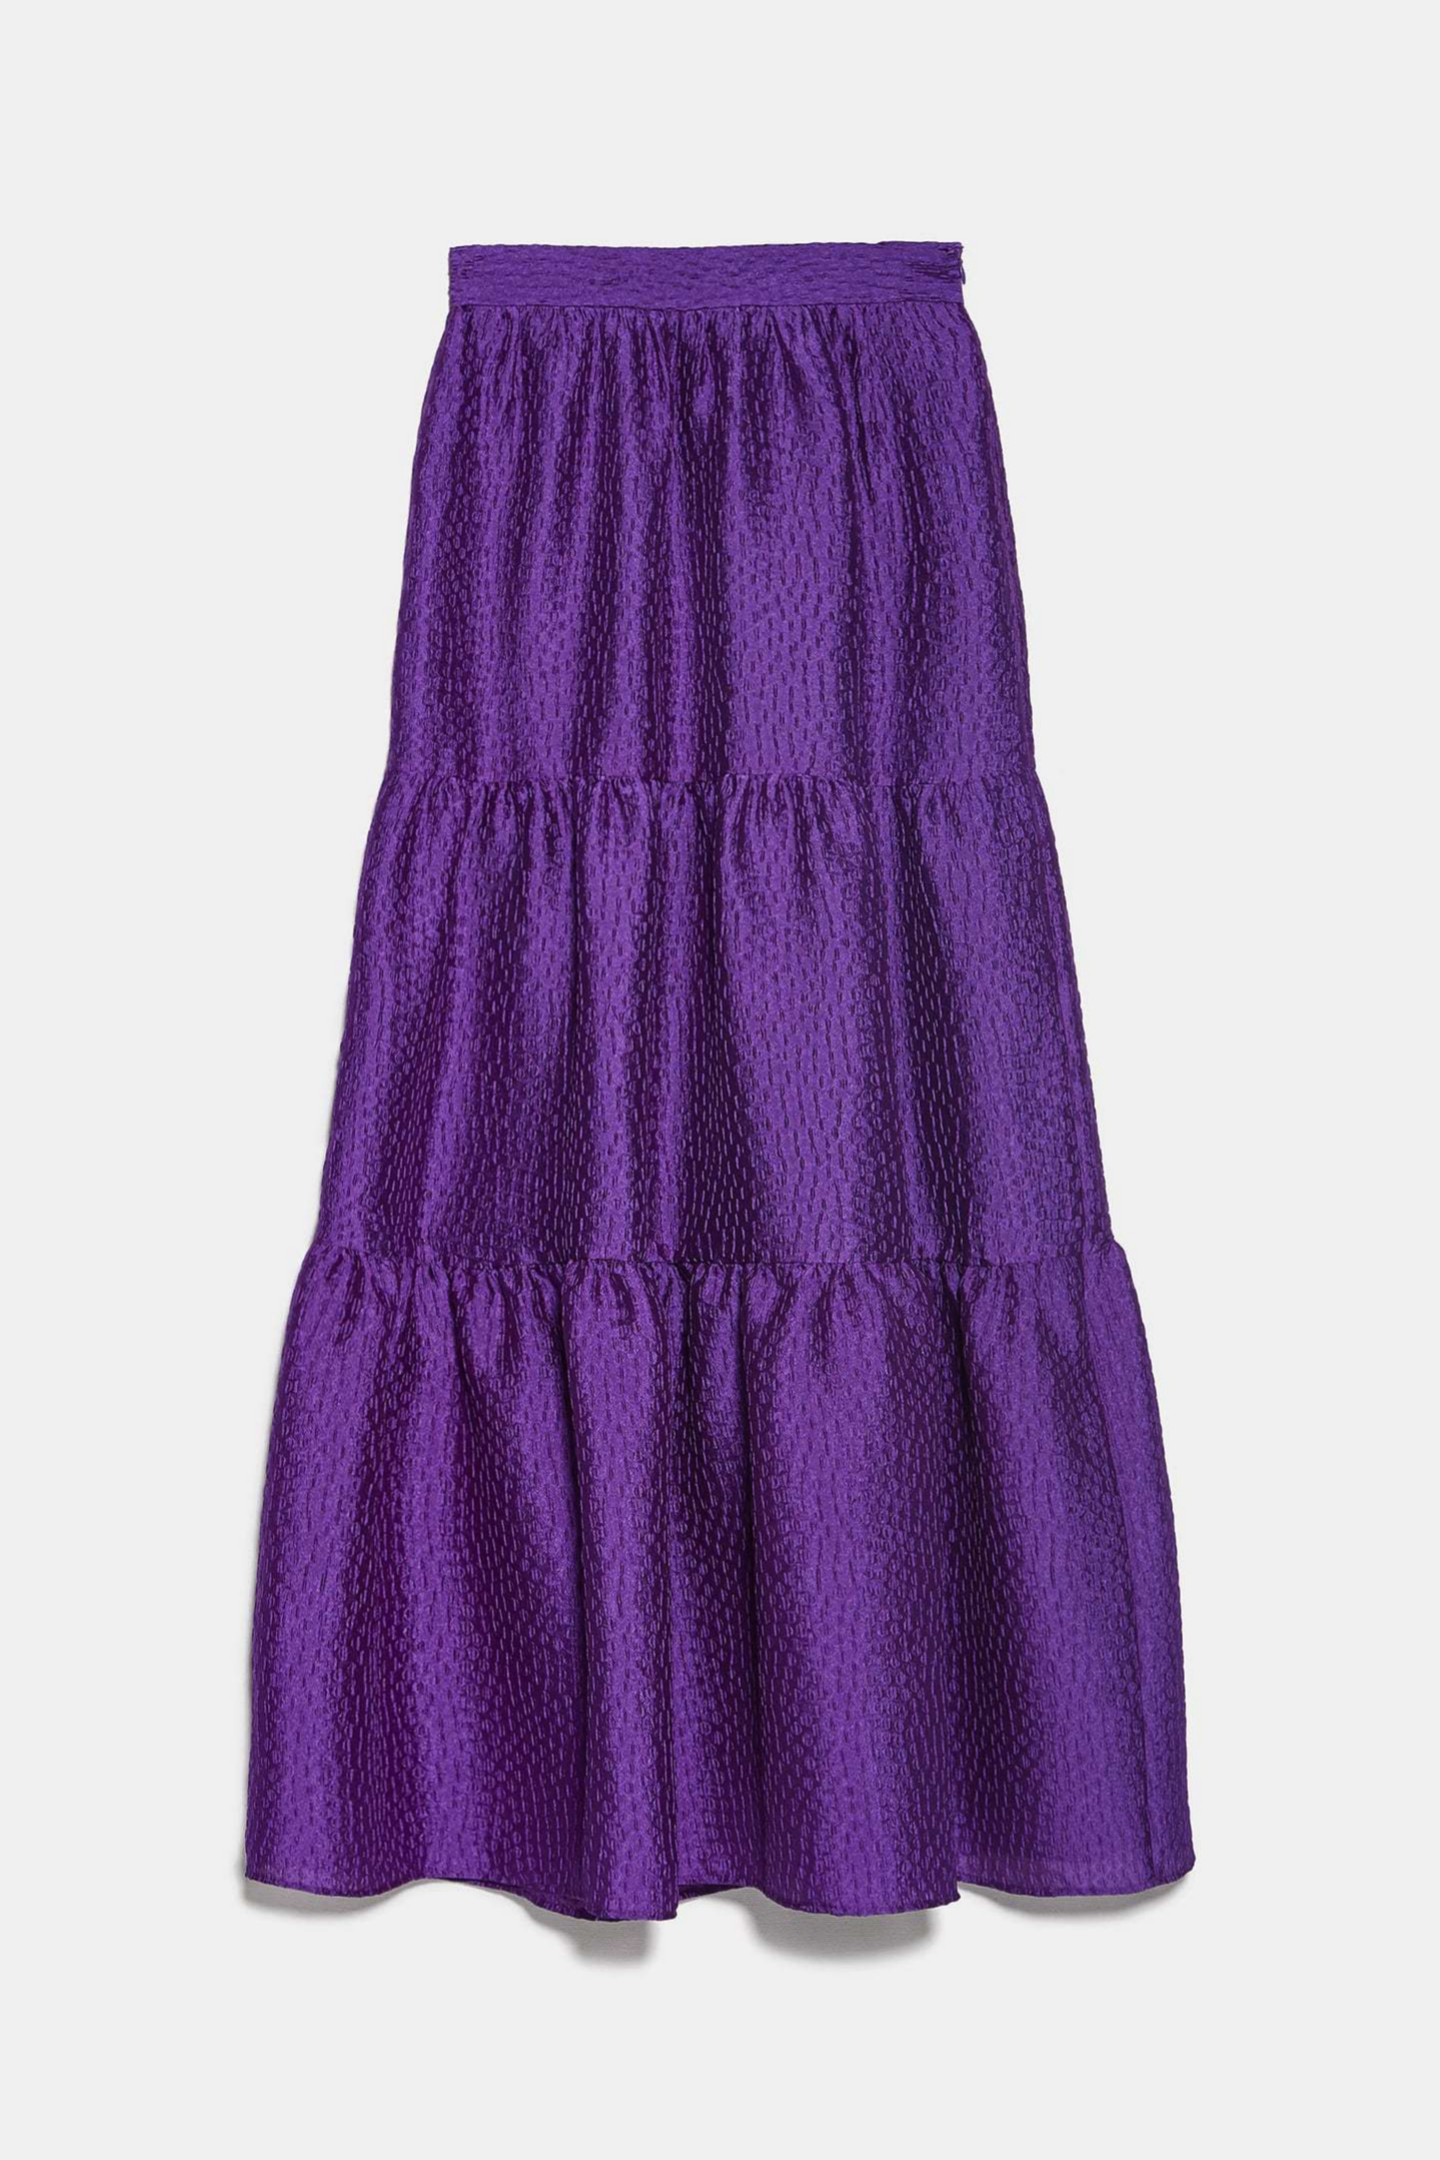 Falda midi satinada en color morado de Zara (39,95¤)